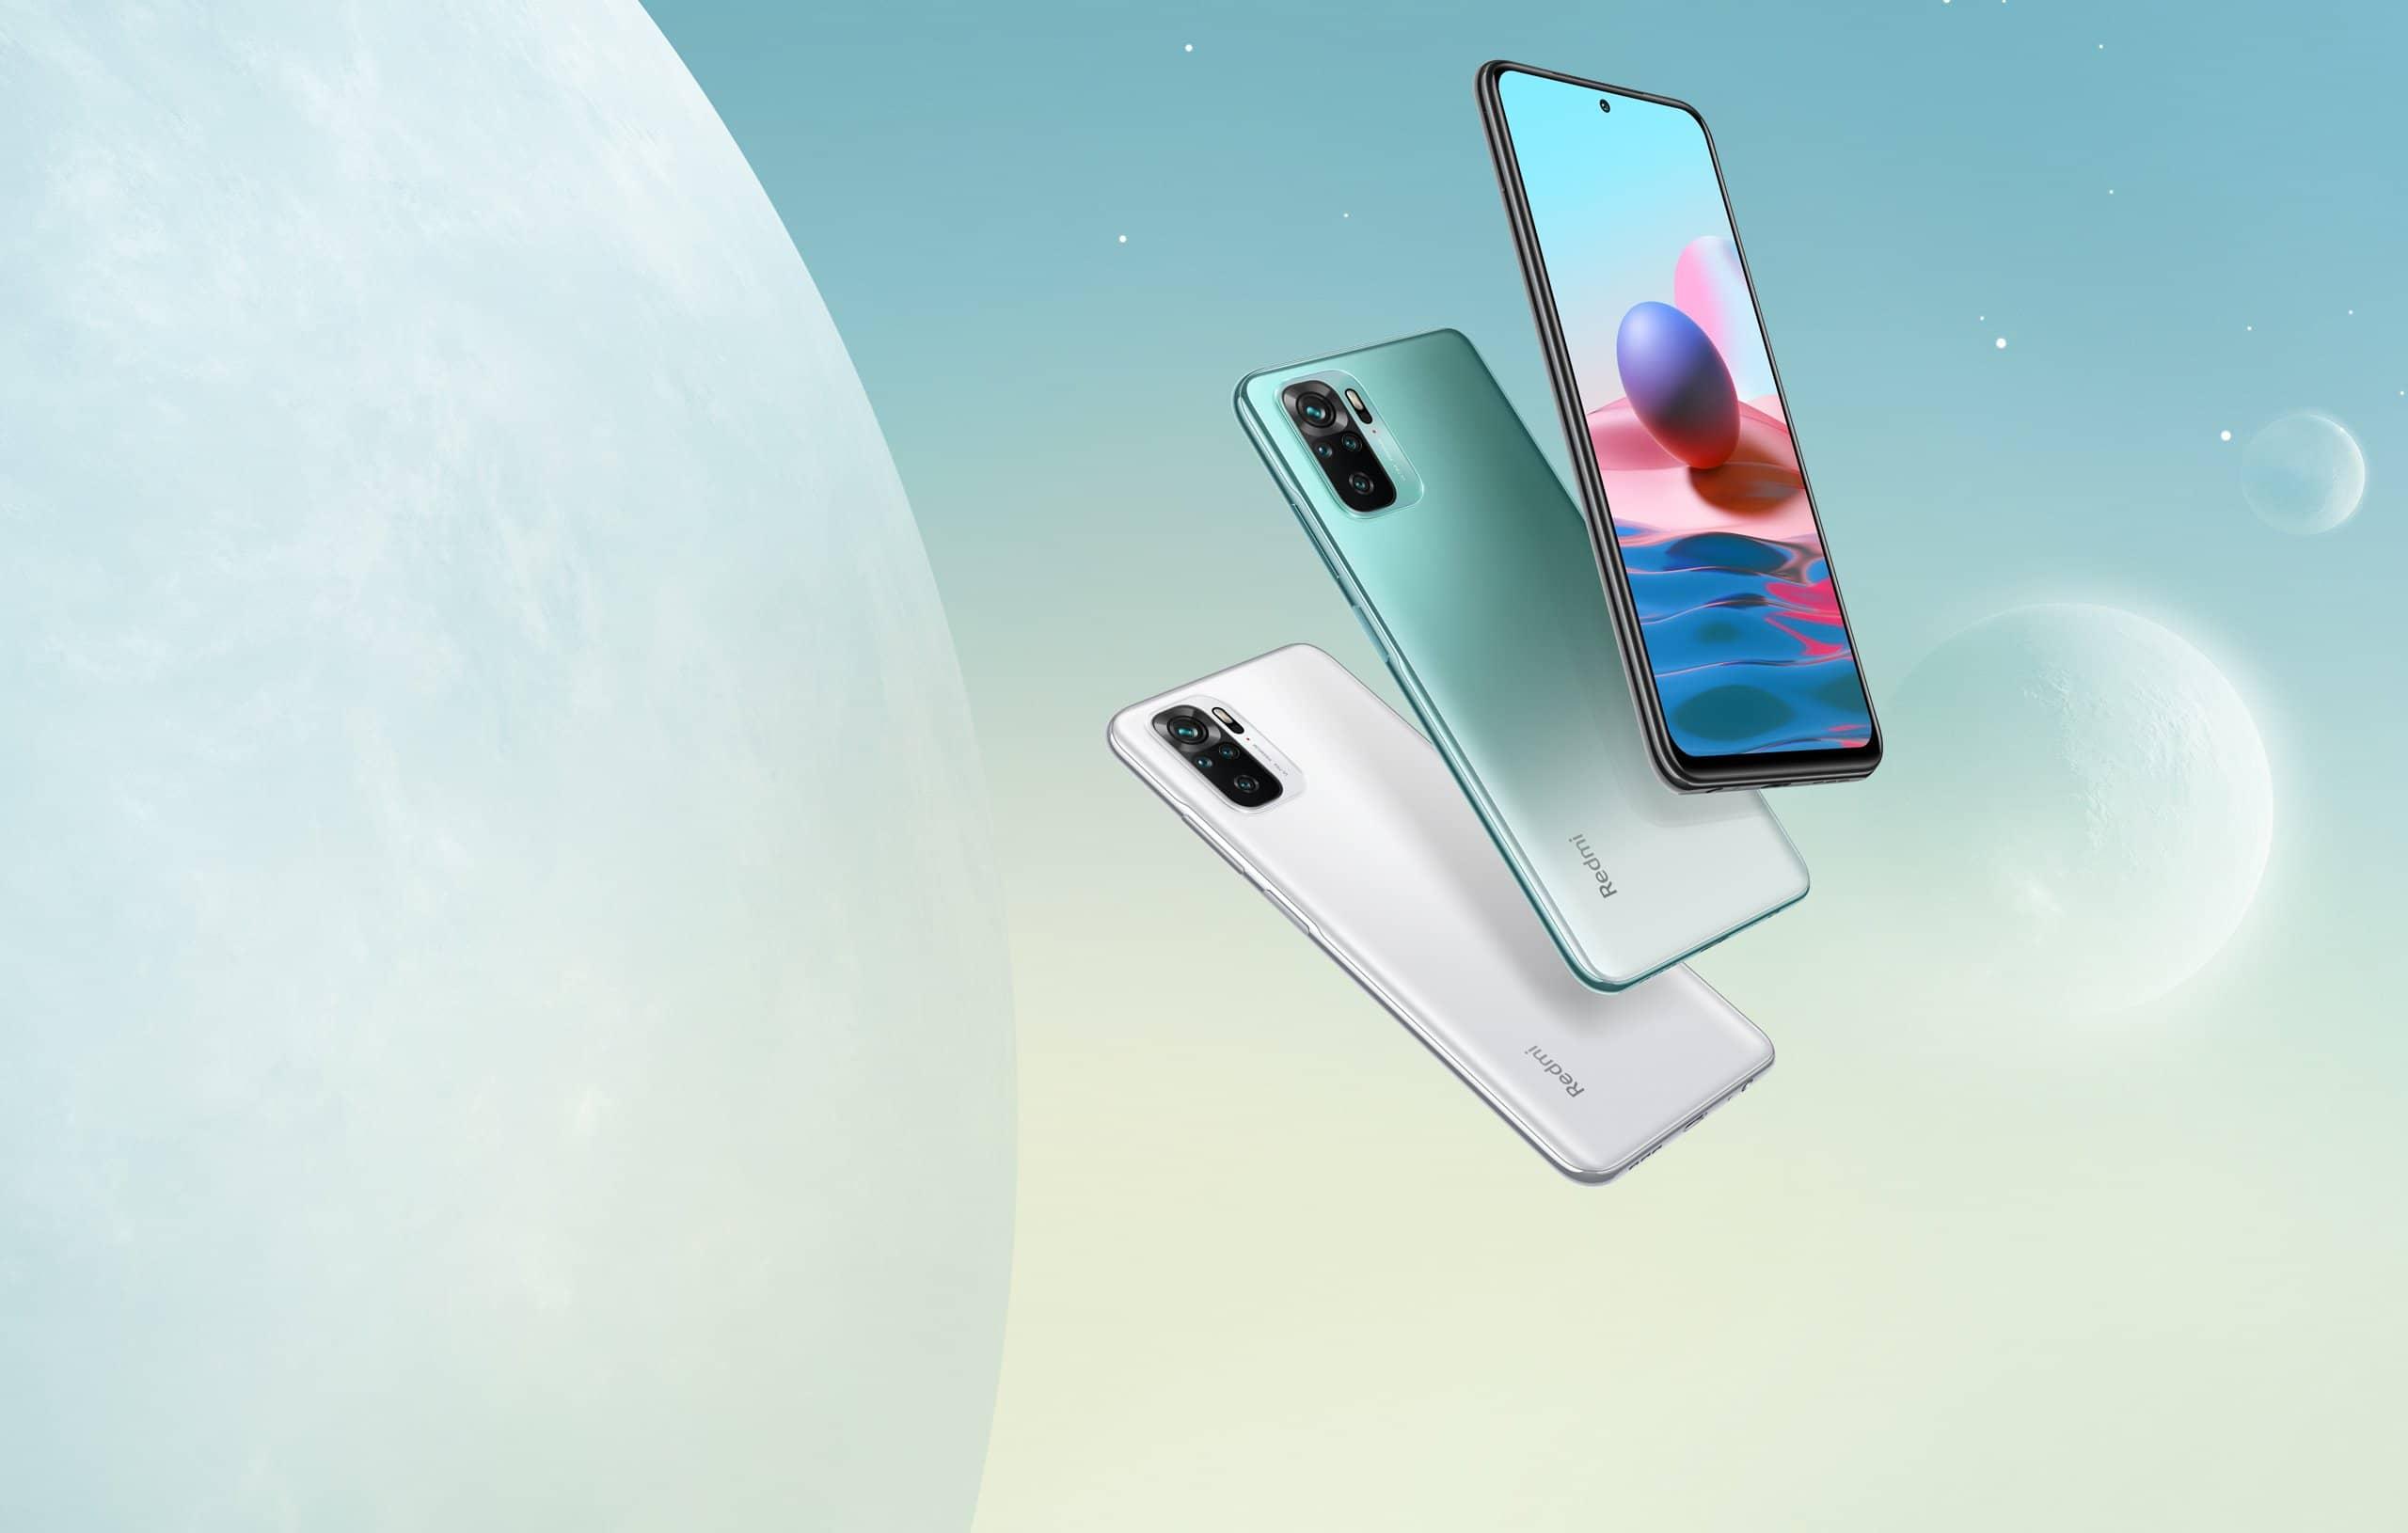 Названы 4 универсальные смартфоны среднего класса, которые актуальны в 2021 году